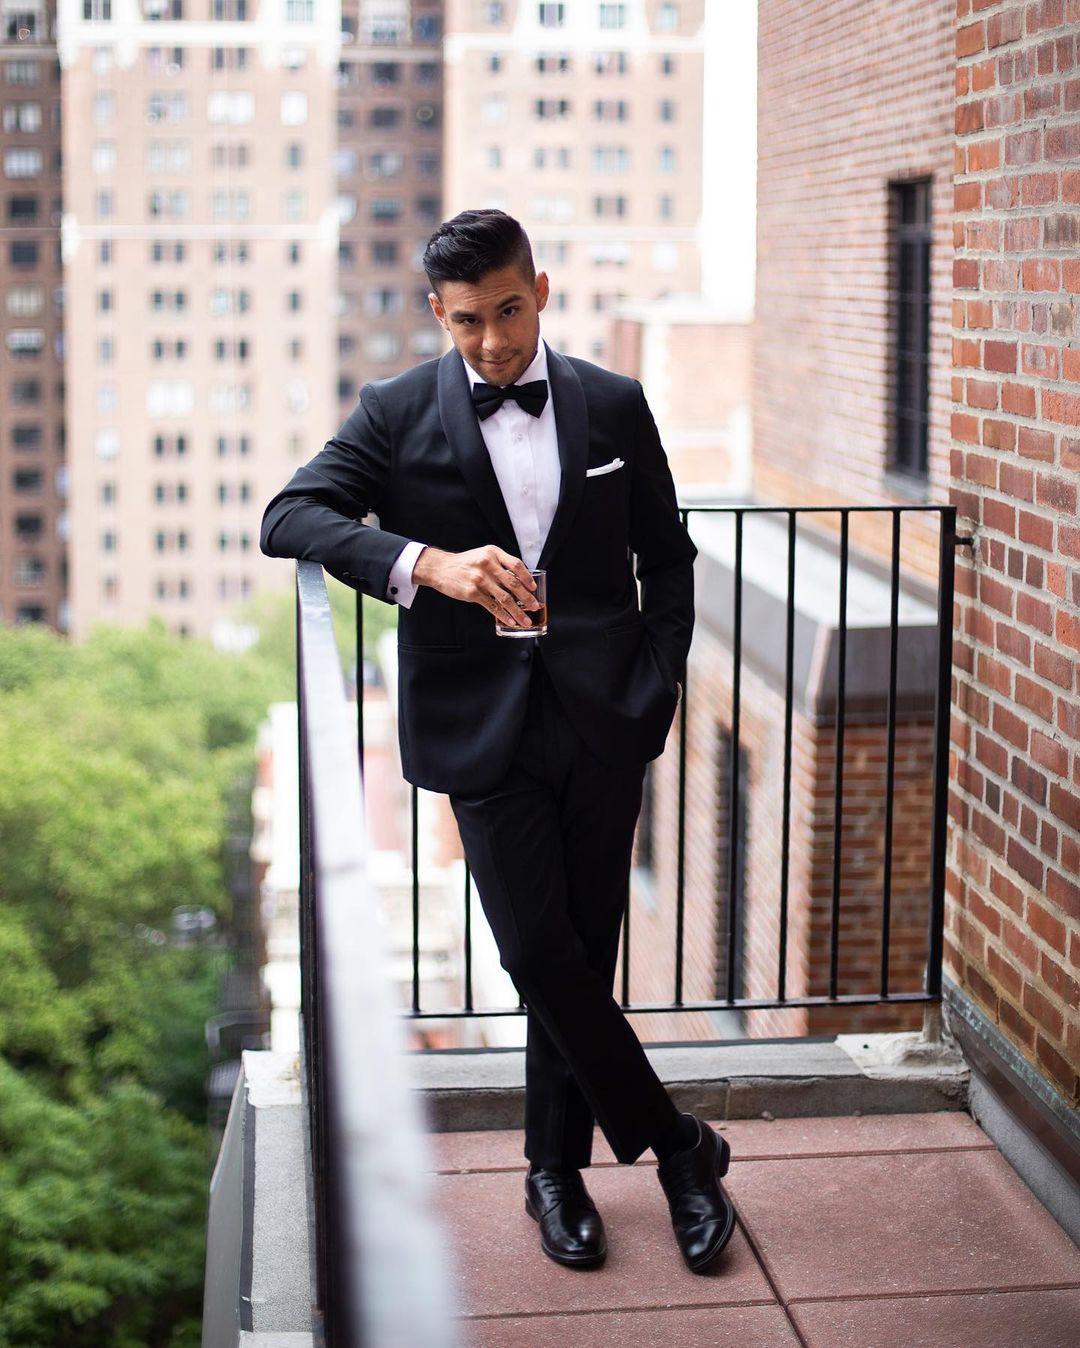 تصميم جديد ملابس رجالي تلائم الرجل النحيف البدلة السوداء شال التلبيب العريس أفضل رجل سهرة 2 قطعة (سترة + بانت) مخصص الزفاف للرجل البدلة